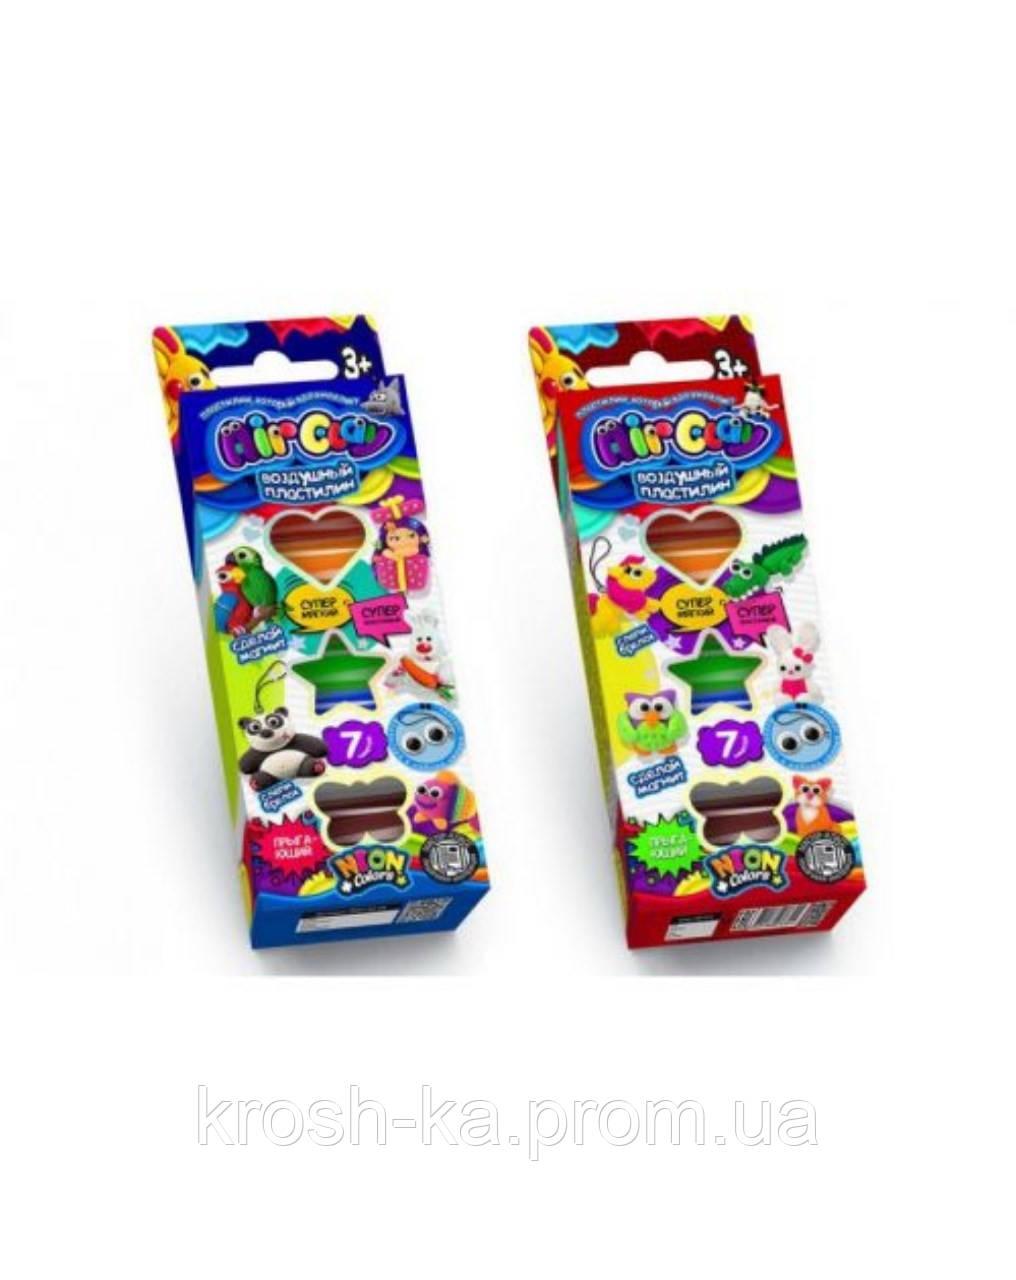 Пластилин воздушный в коробке 7цветов неон Украина ARCL-01-02